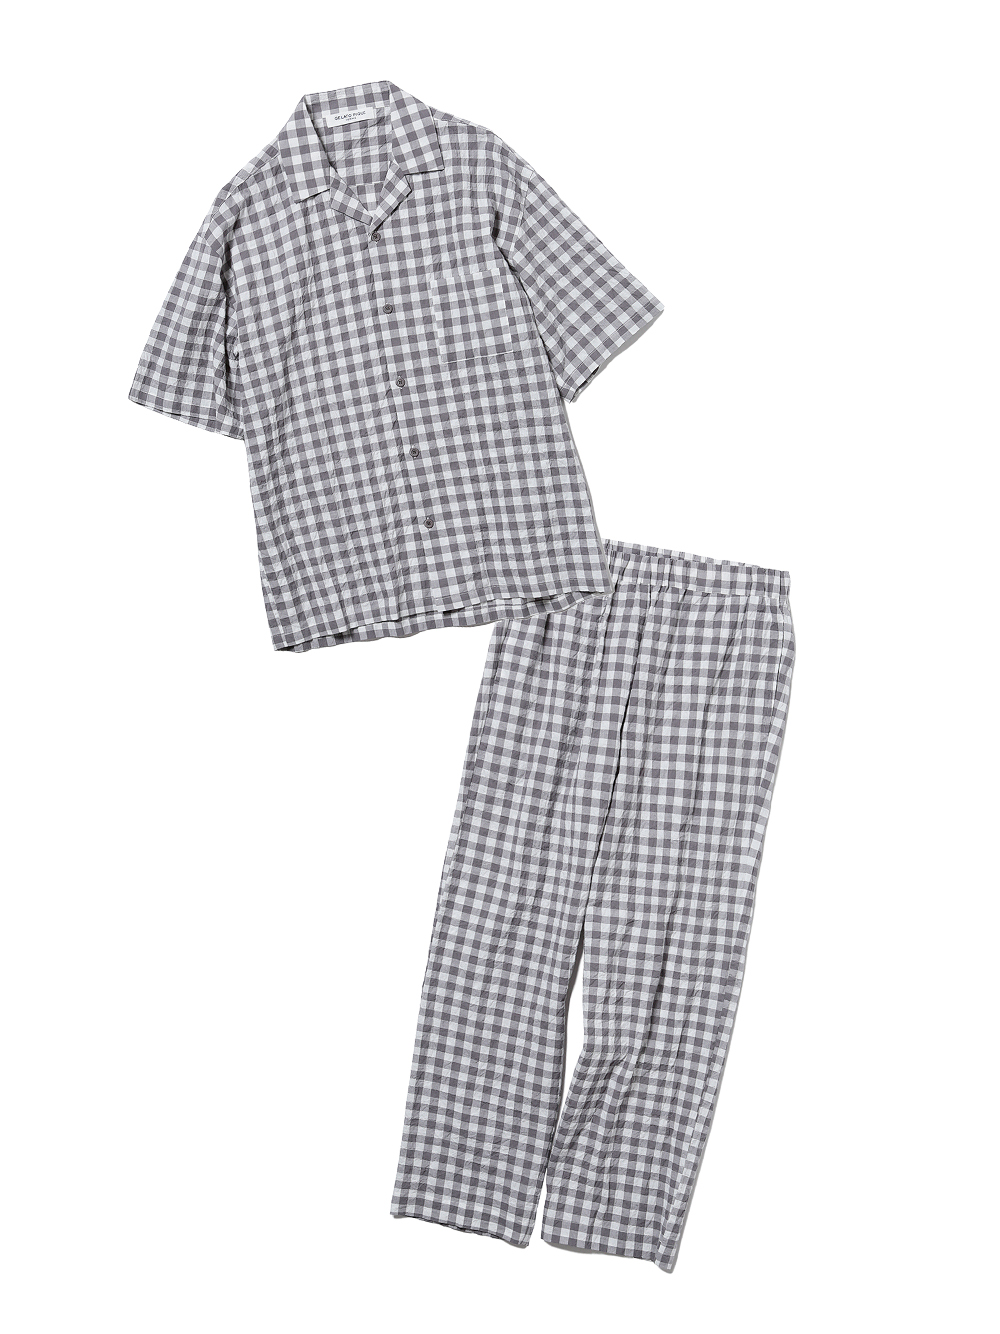 【ラッピング】【HOMME】オーガニックコットンギンガムチェックシャツ&ロングパンツSET(GRY-M)